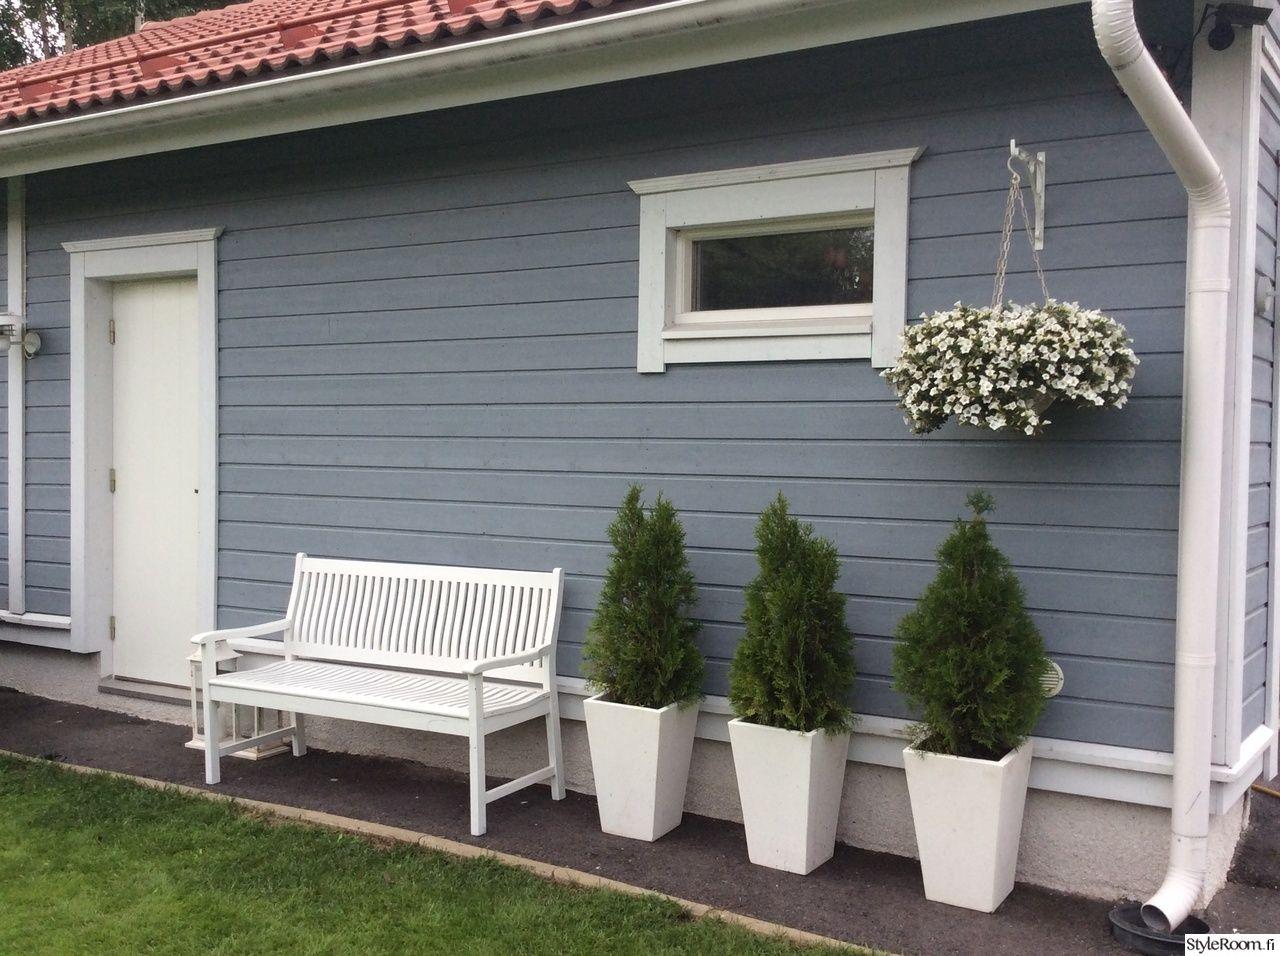 Sinisen talomme puutarhassa ja terassilla.. Pieni suihkulähde terassin reunalla.. Takapihan terassi. Rentouttava paikka, ulkoporeet . Kesäkukat kauneimmillaan! . Kesäkukkaistutuksia.